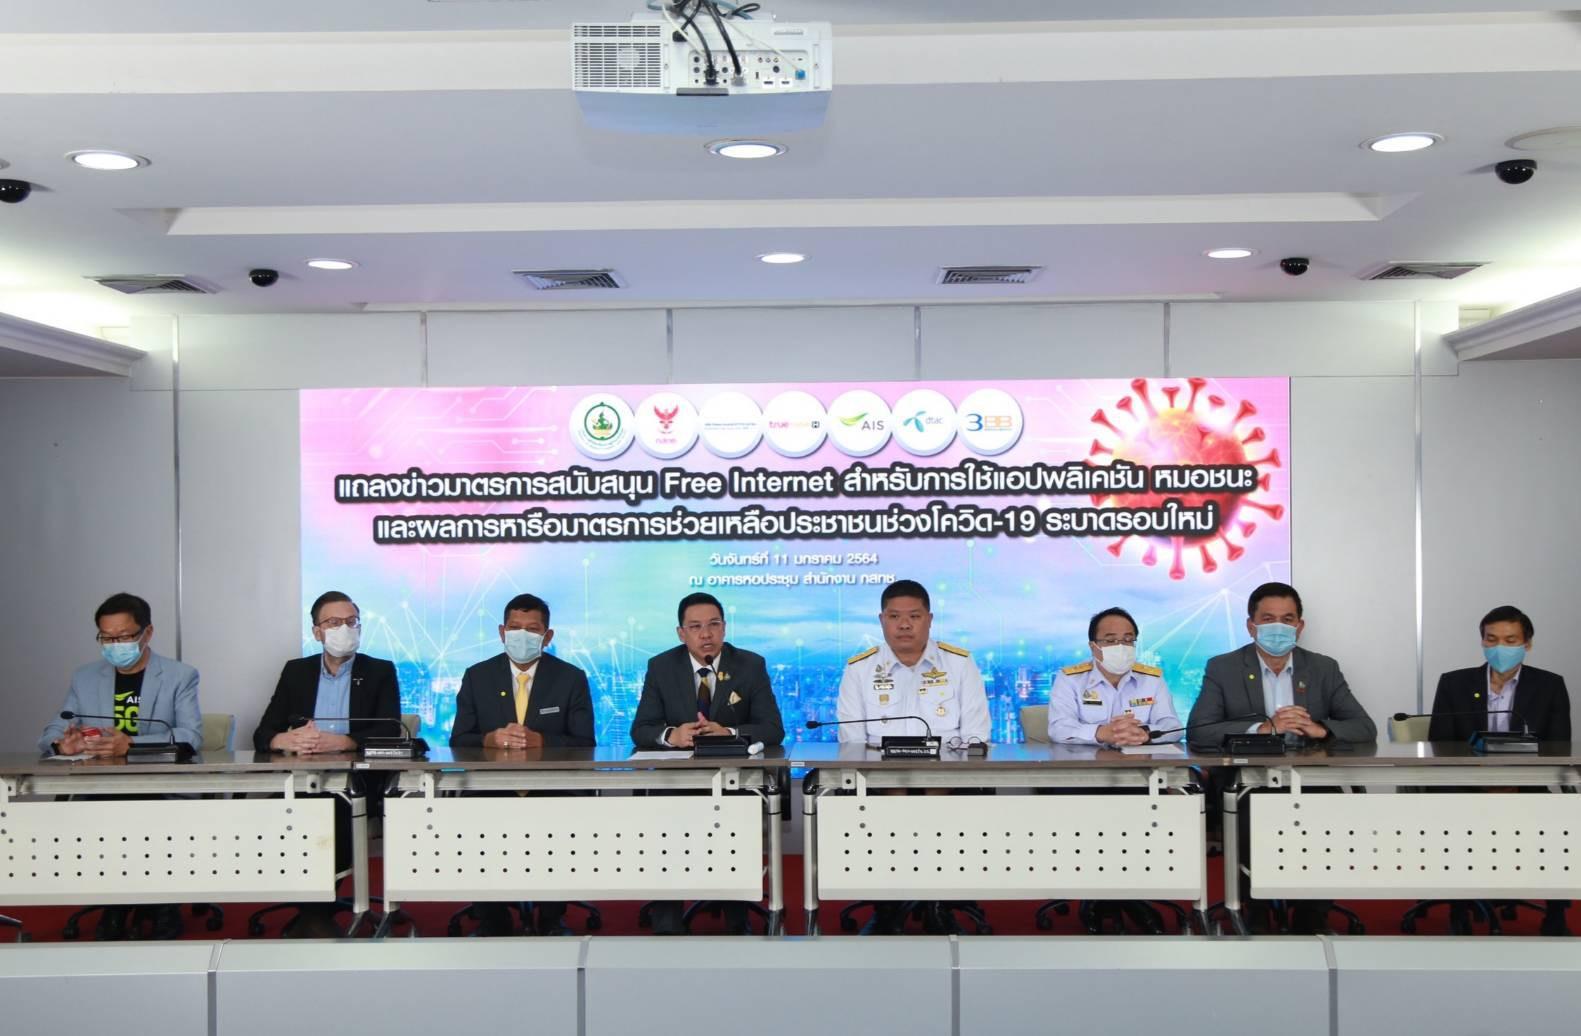 """MDES และ NT พร้อมสนับสนุนคนไทยเฝ้าระวังการแพร่ระบาดของโควิด-19 ยกเว้นค่าใช้บริการดาต้าสำหรับแอปพลิเคชัน """"หมอชนะ"""""""